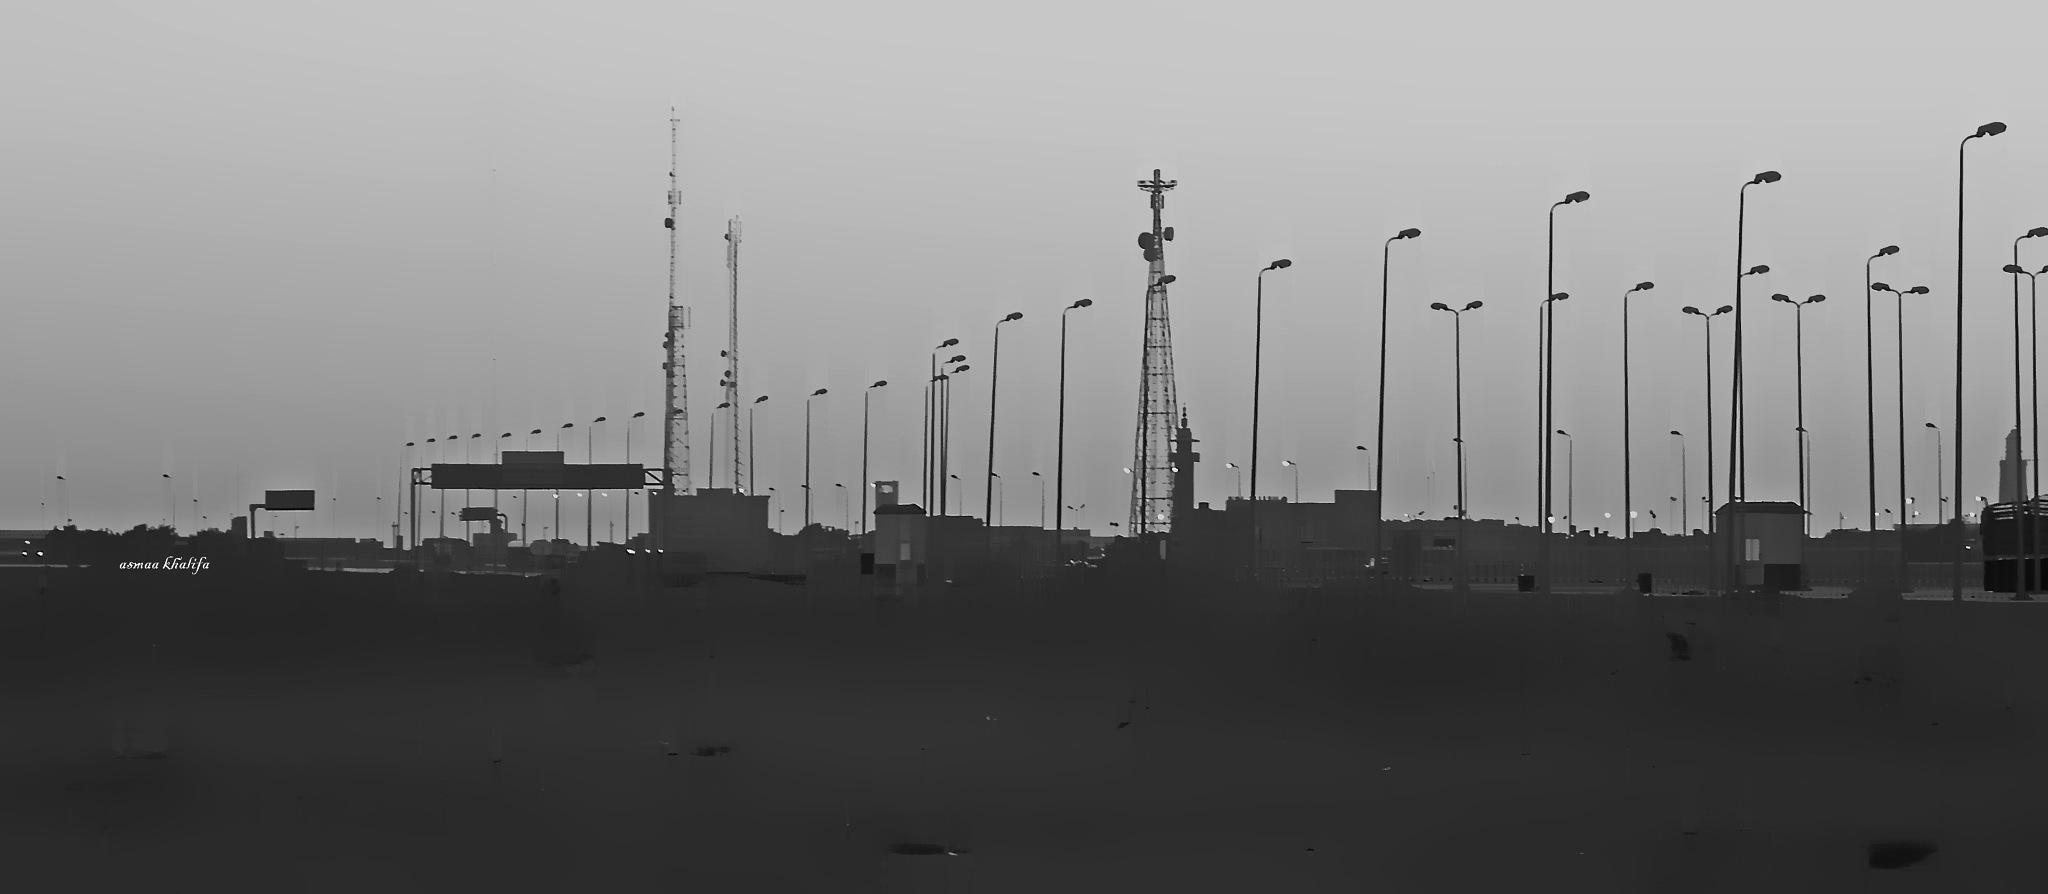 Untitled by asmaa.khalifa.7